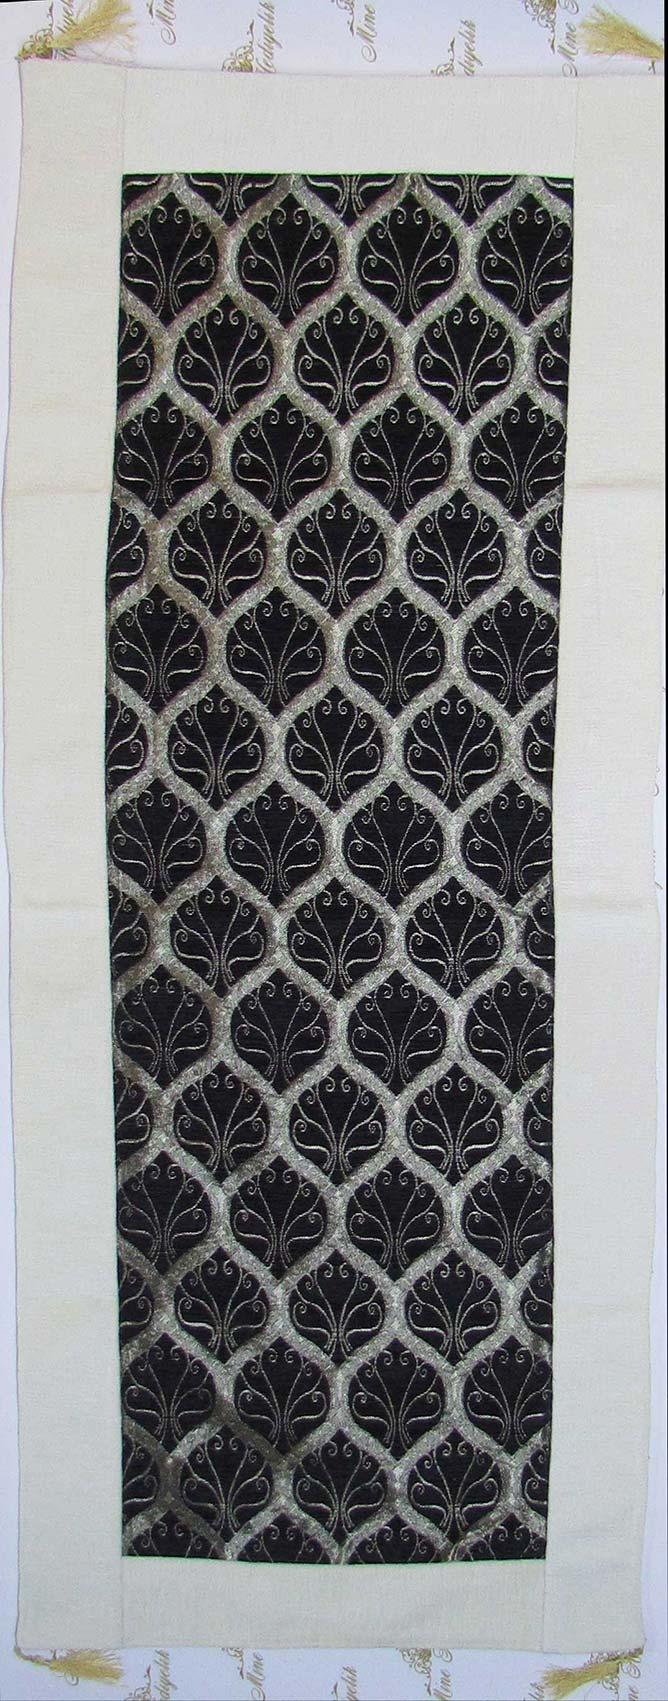 Tavuskuşu Modeli RANNIR geleneksel Türk tekstil ürünleri